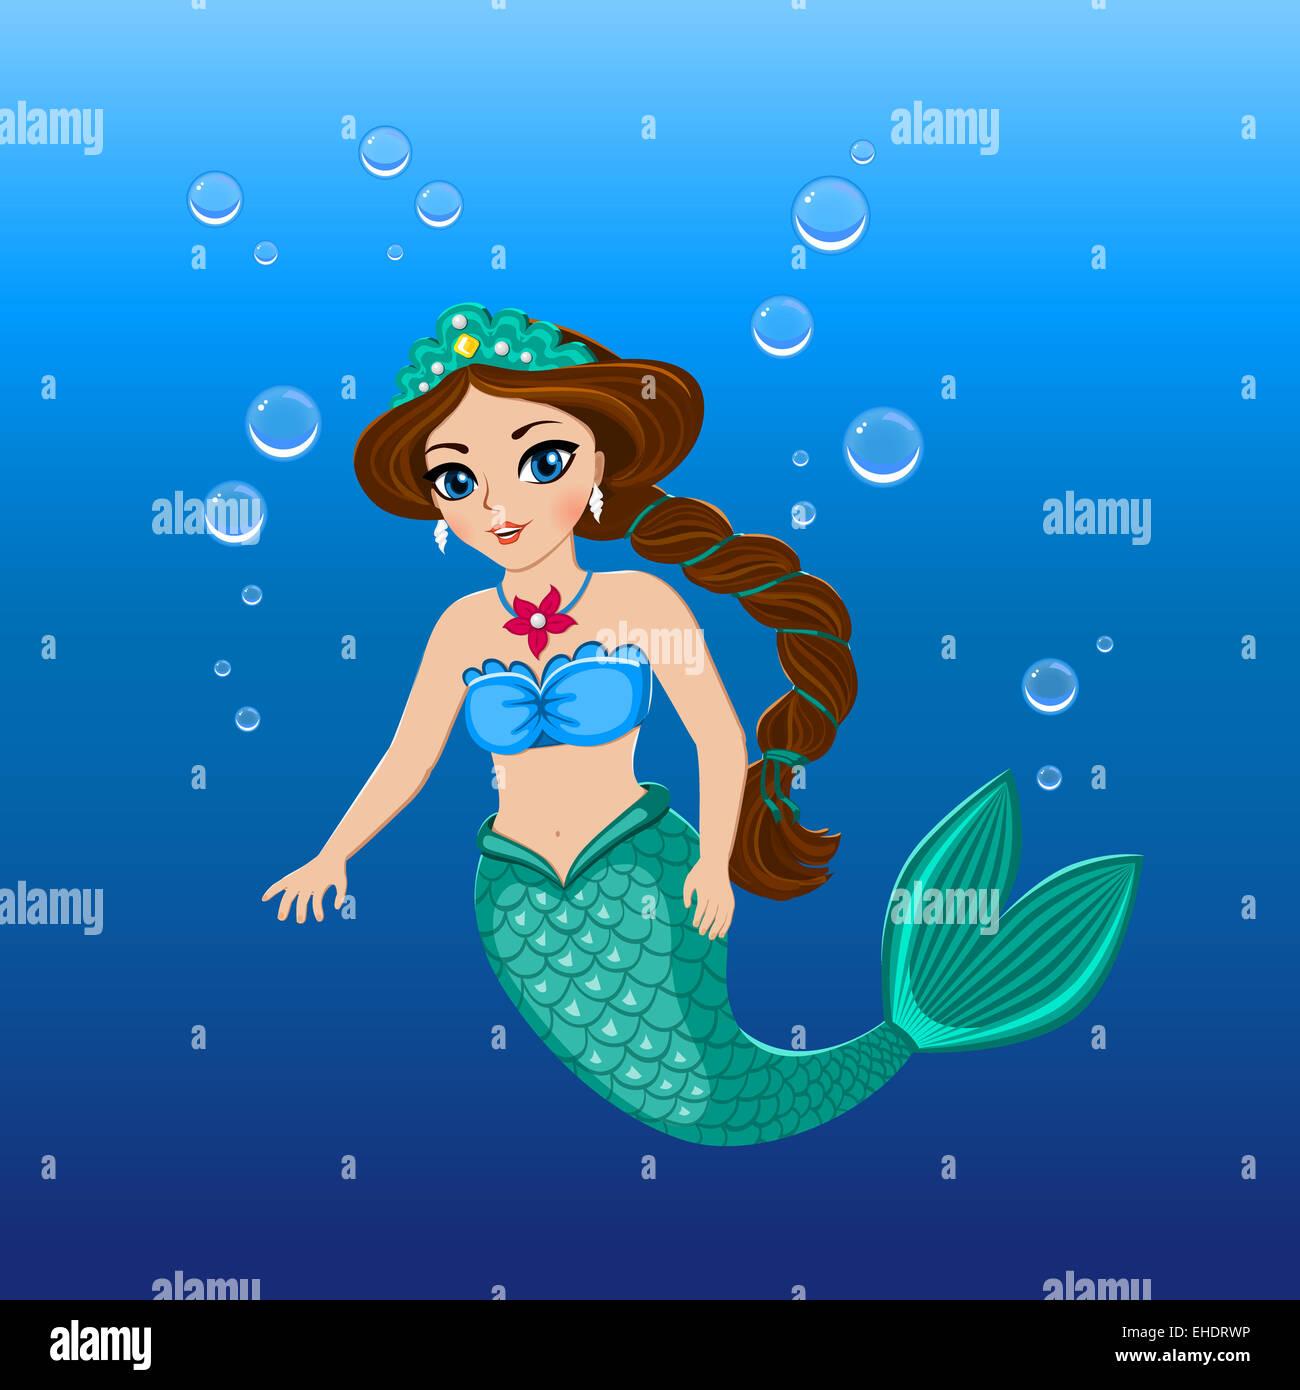 Mermaid Illustration Sea Stockfotos & Mermaid Illustration Sea ...